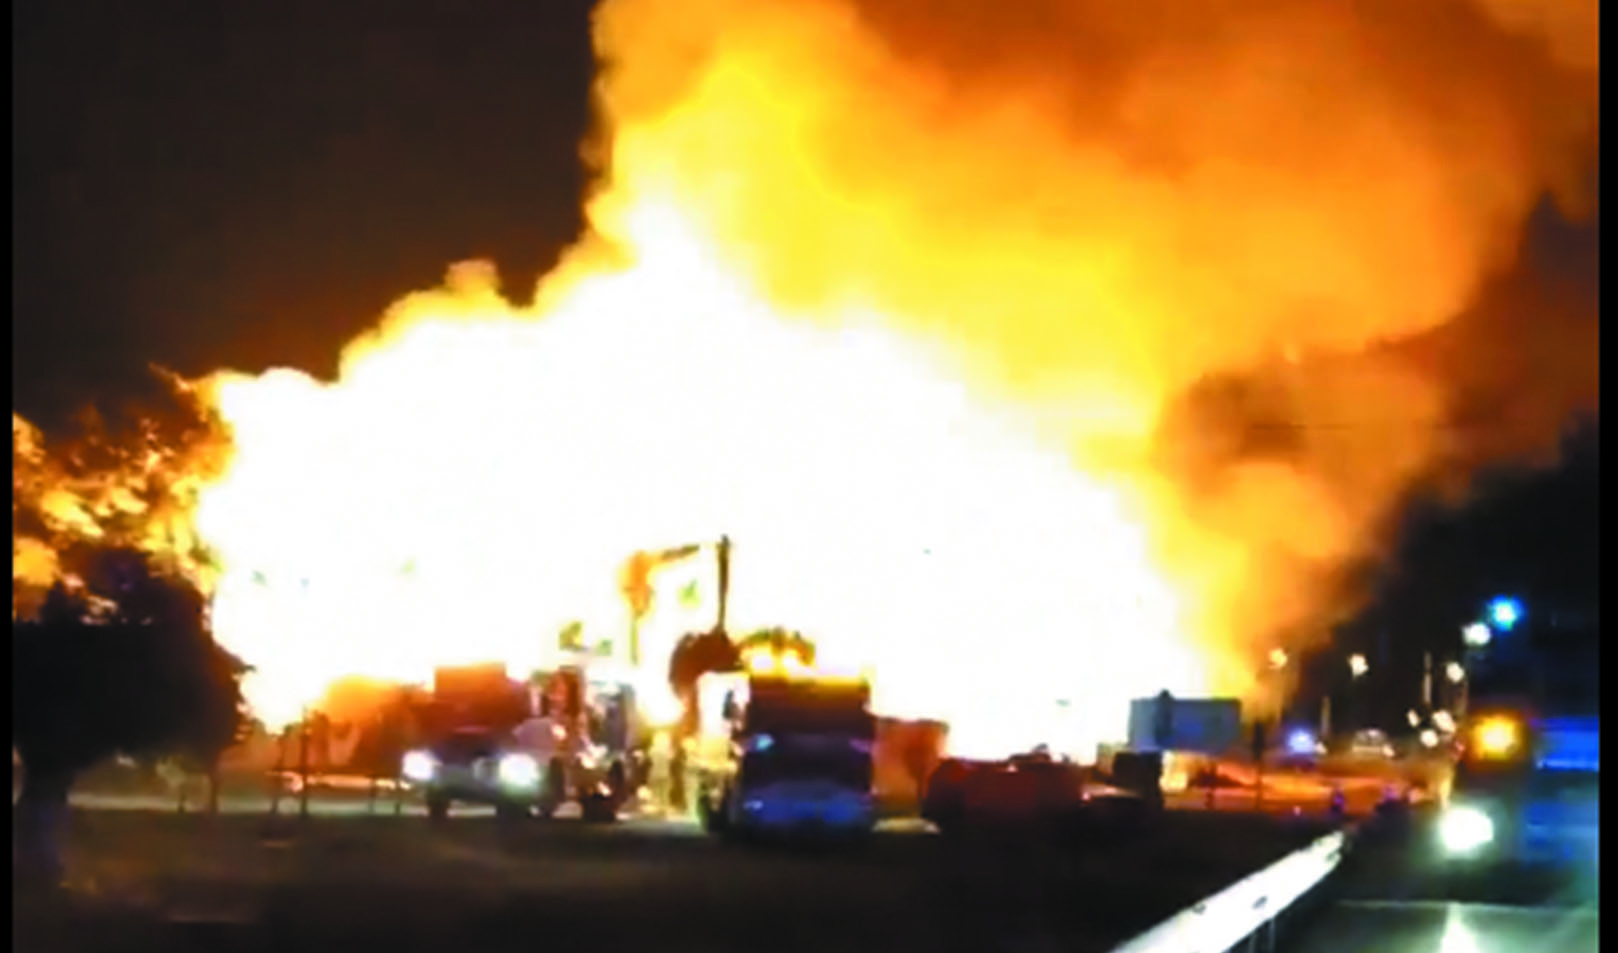 Fire destroys a DIY store in Pilar de la Horadada